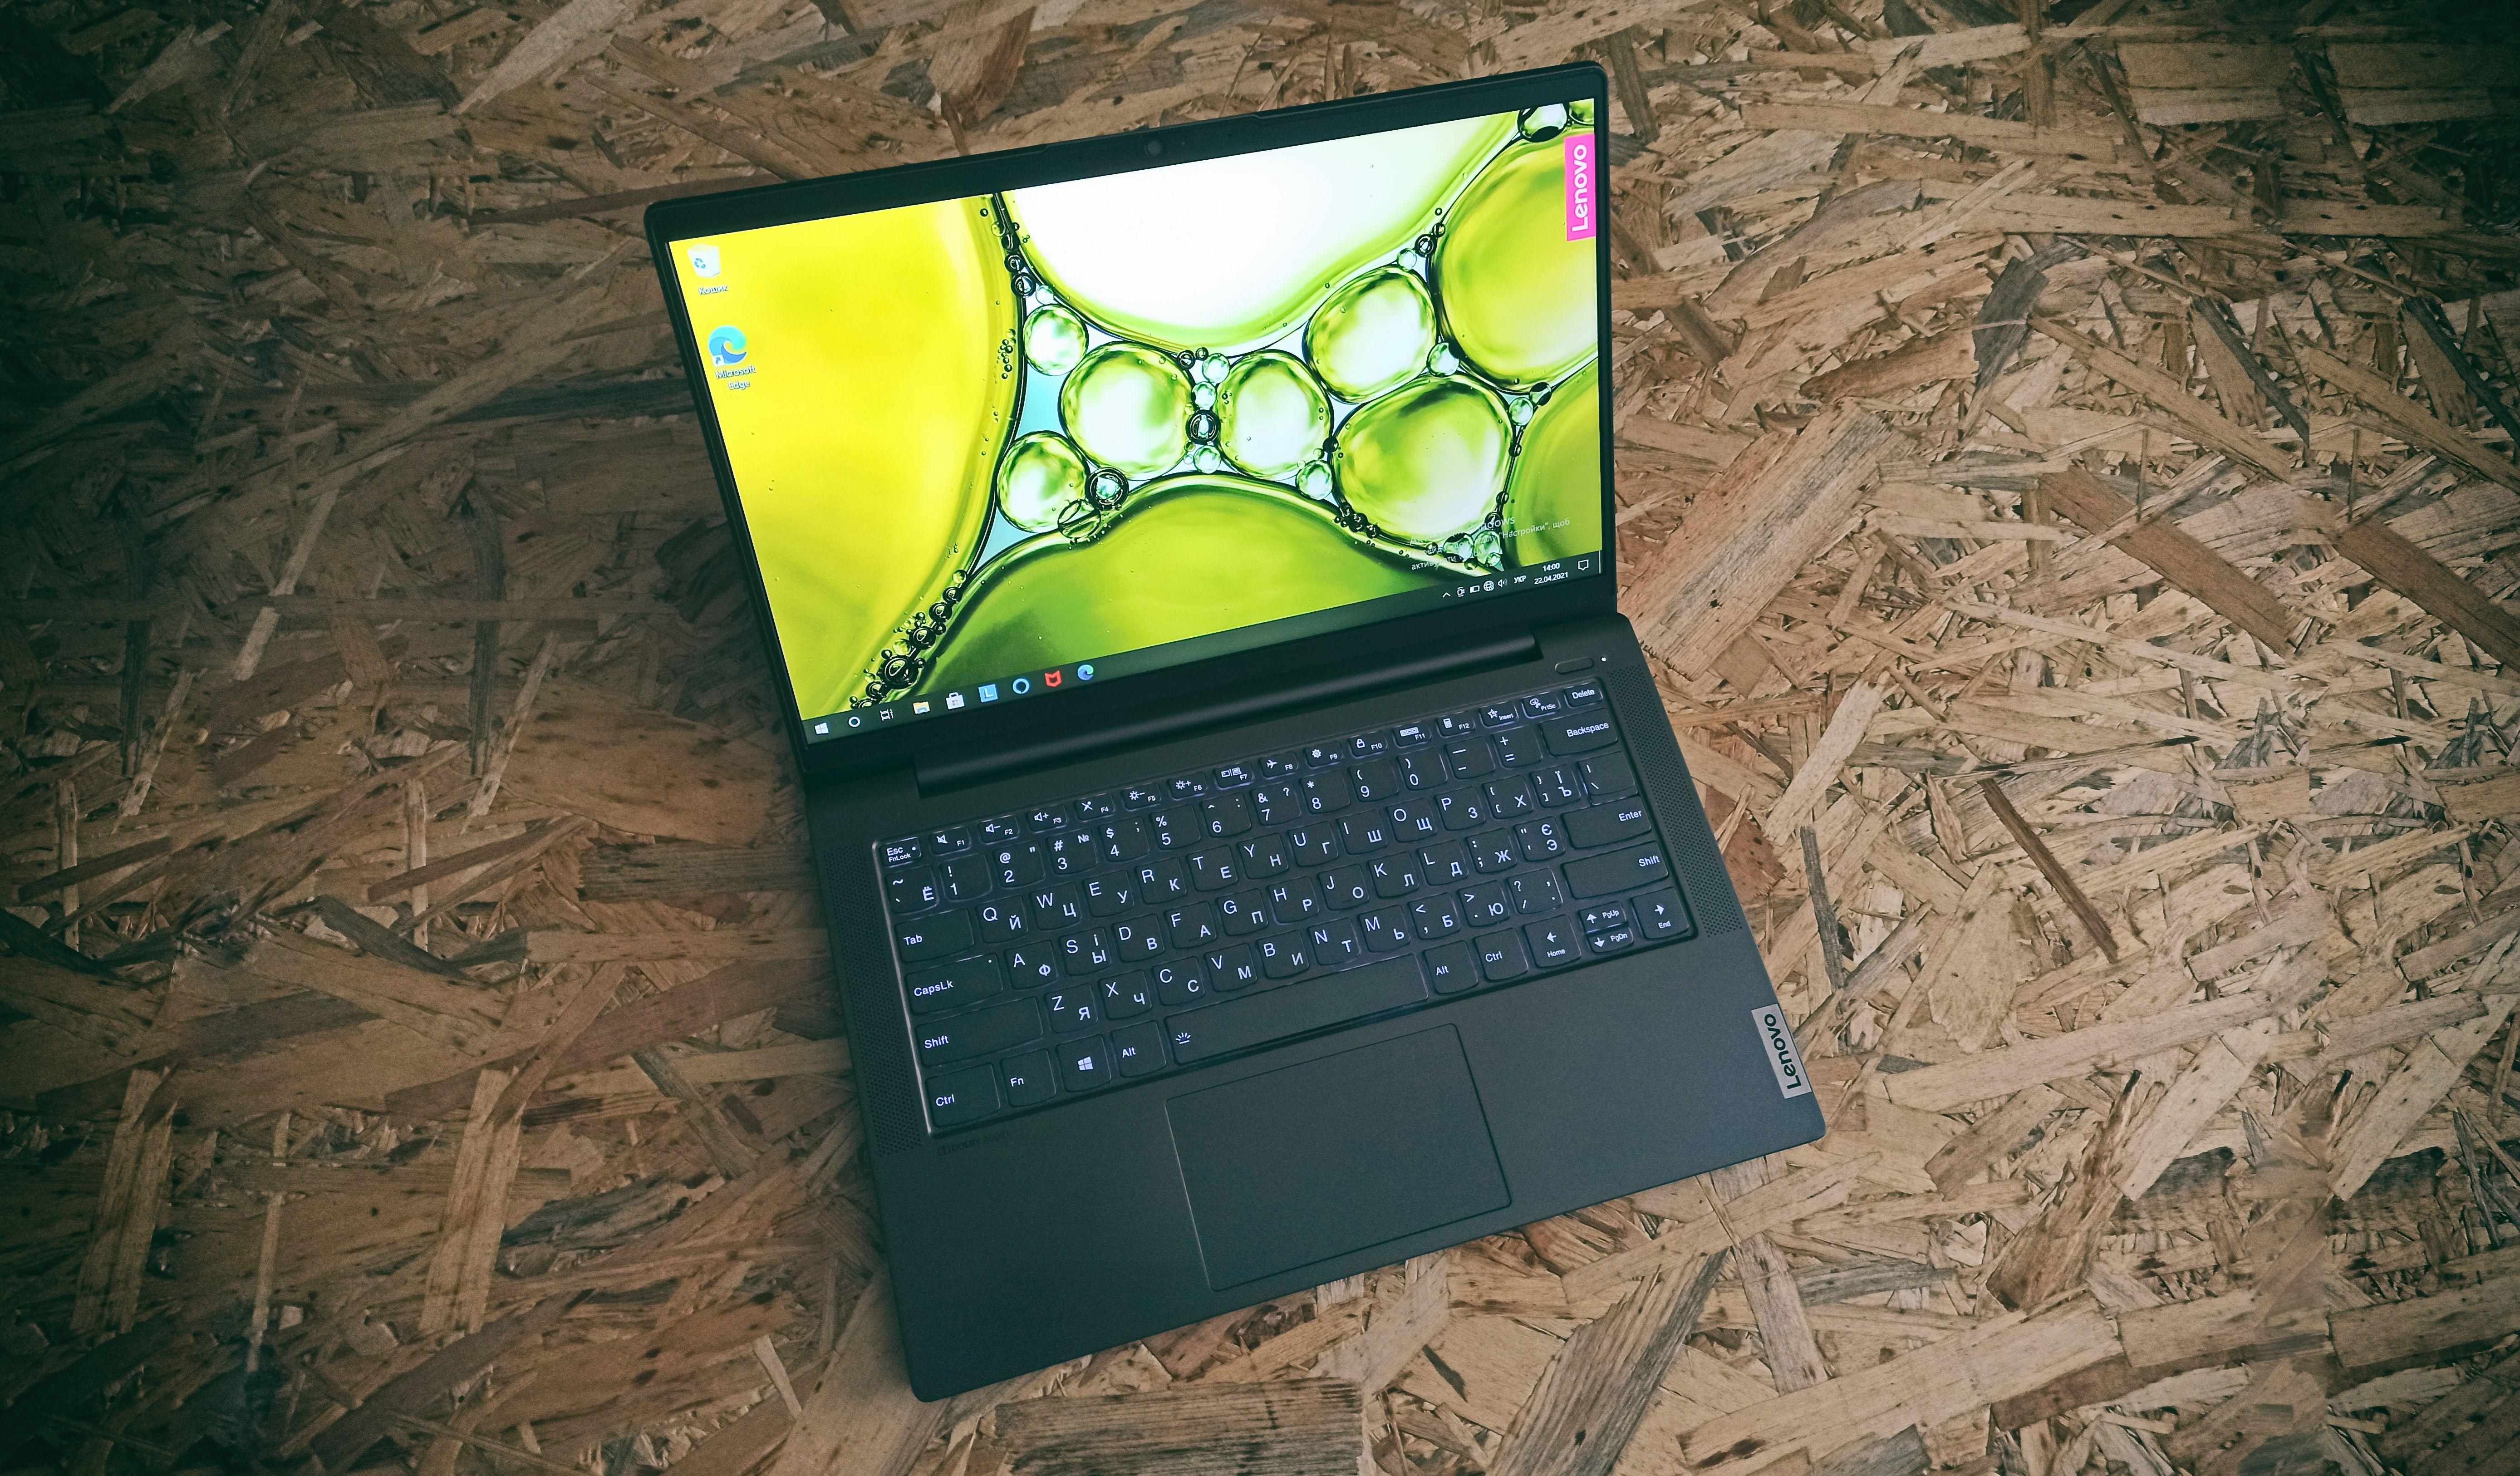 Обзор Lenovo ideapad 5 14ITL0: Мощная машина для работы